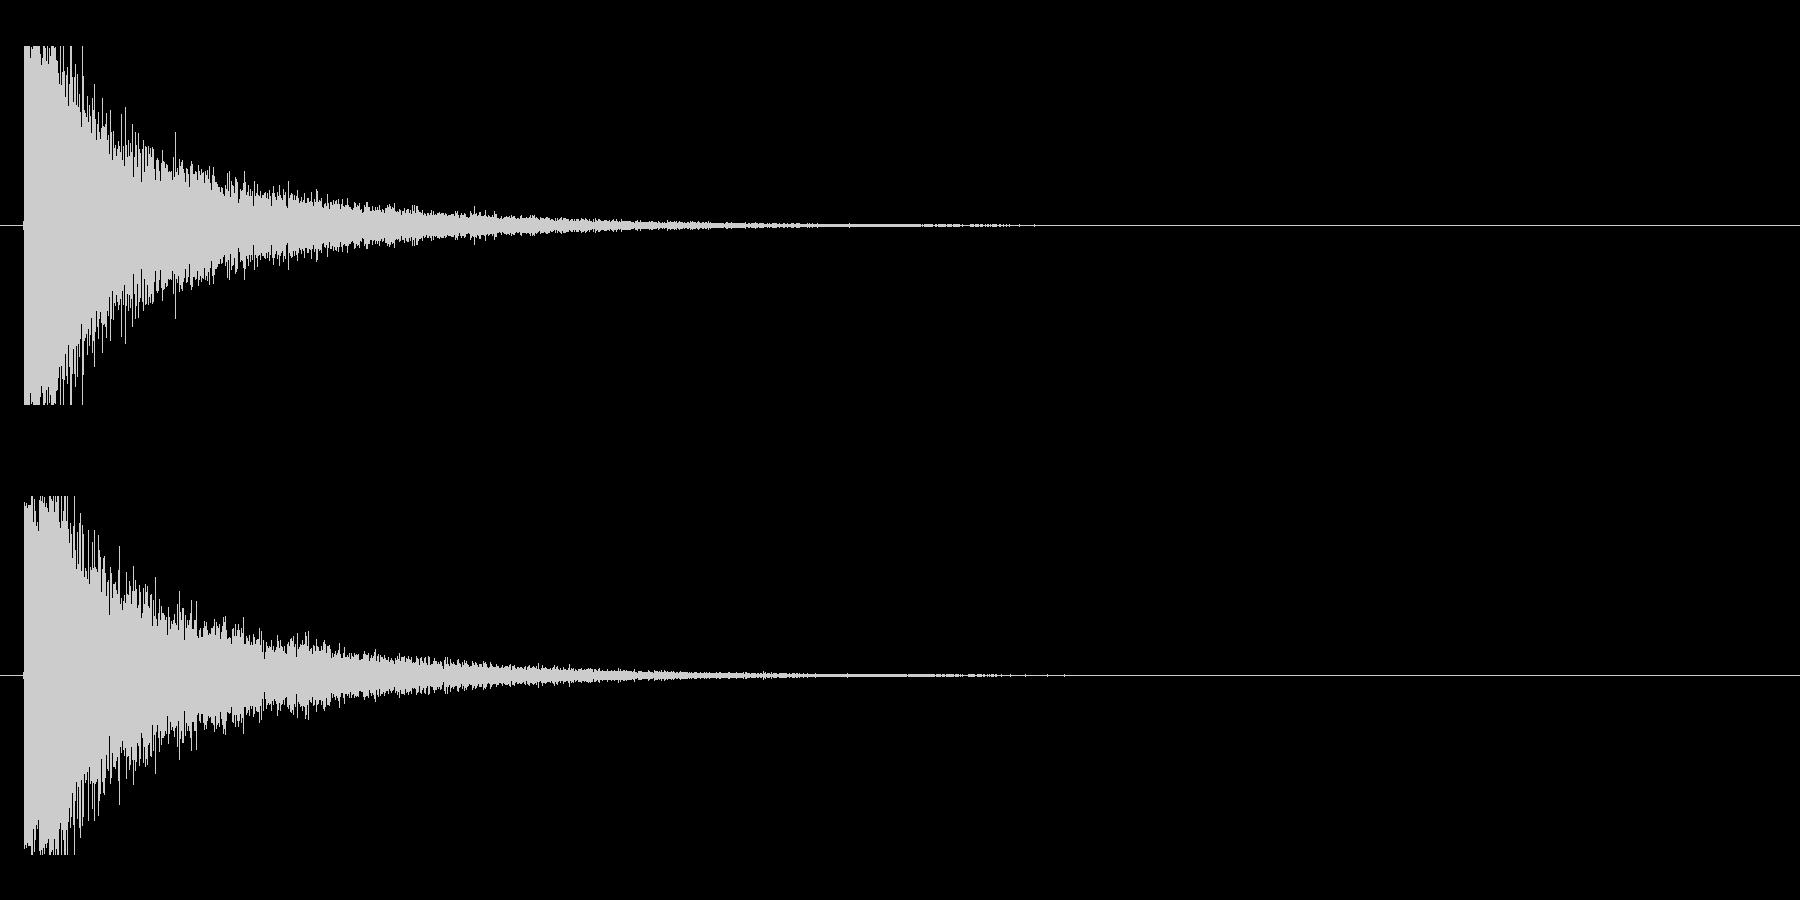 レーザー音-08-1の未再生の波形